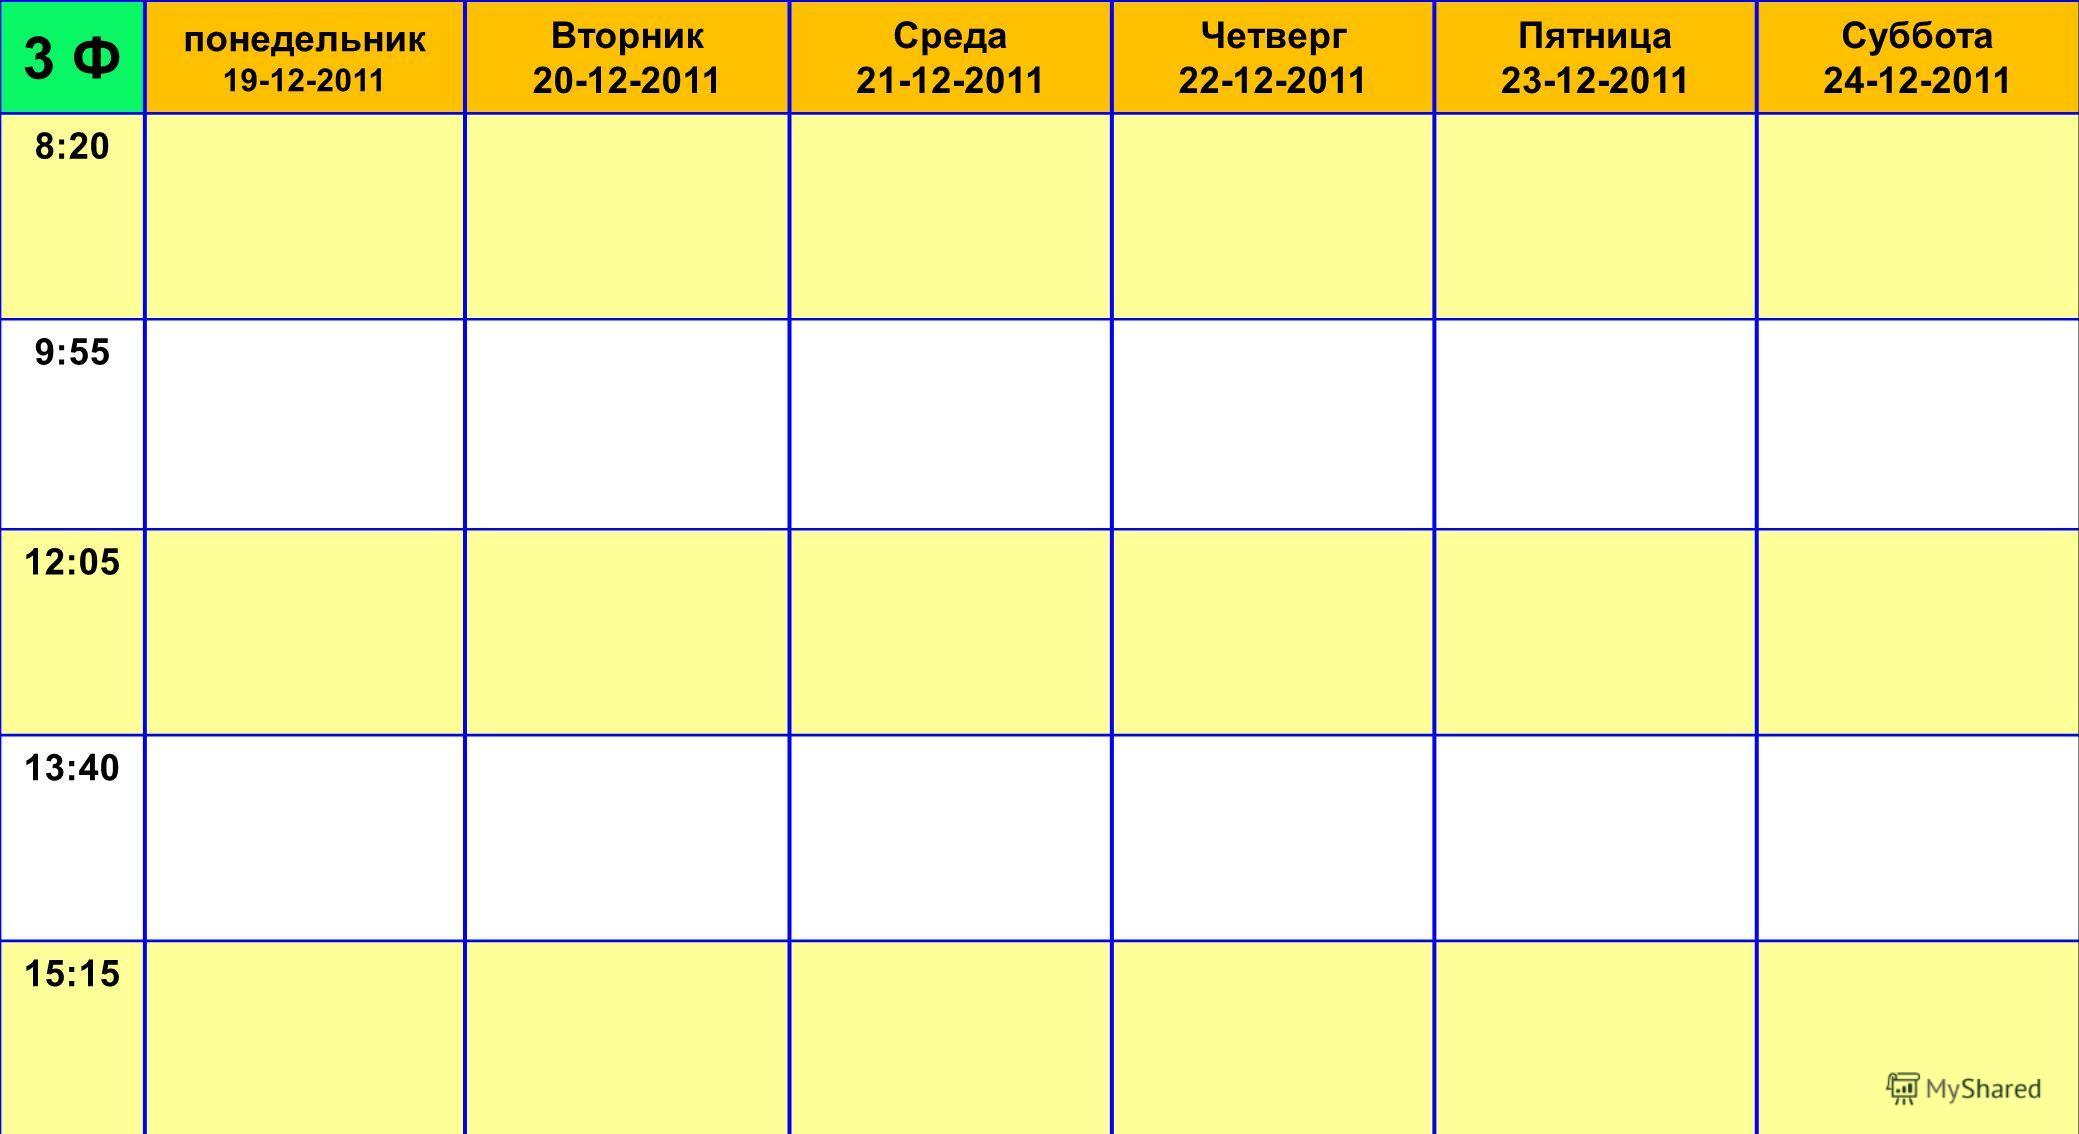 3 Ф понедельник 19-12-2011 Вторник 20-12-2011 Среда 21-12-2011 Четверг 22-12-2011 Пятница 23-12-2011 Суббота 24-12-2011 8:20 9:55 12:05 13:40 15:15